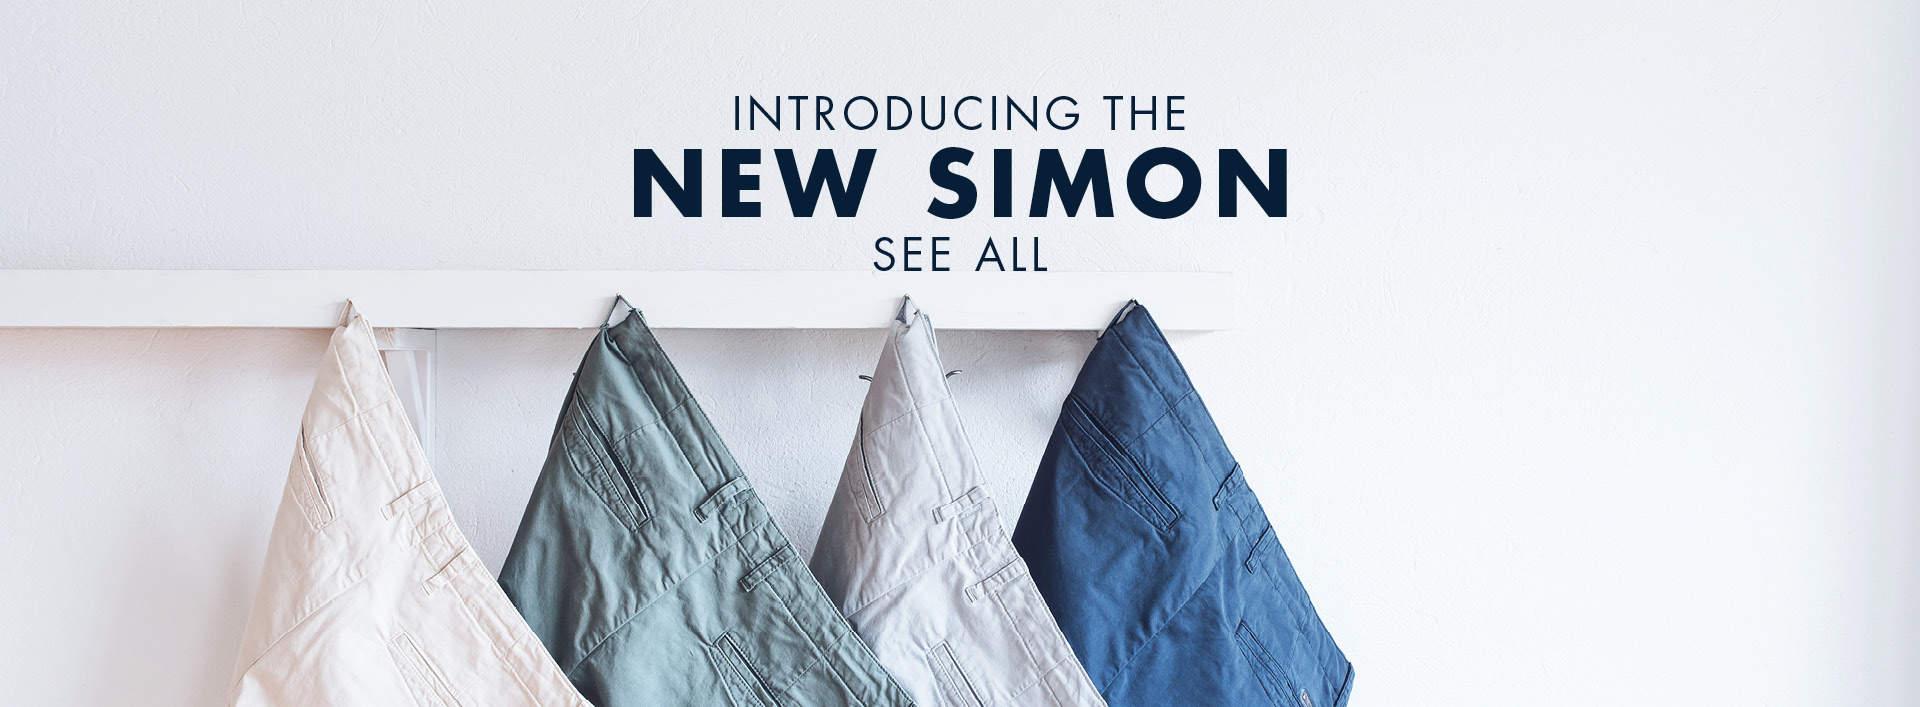 New Simon